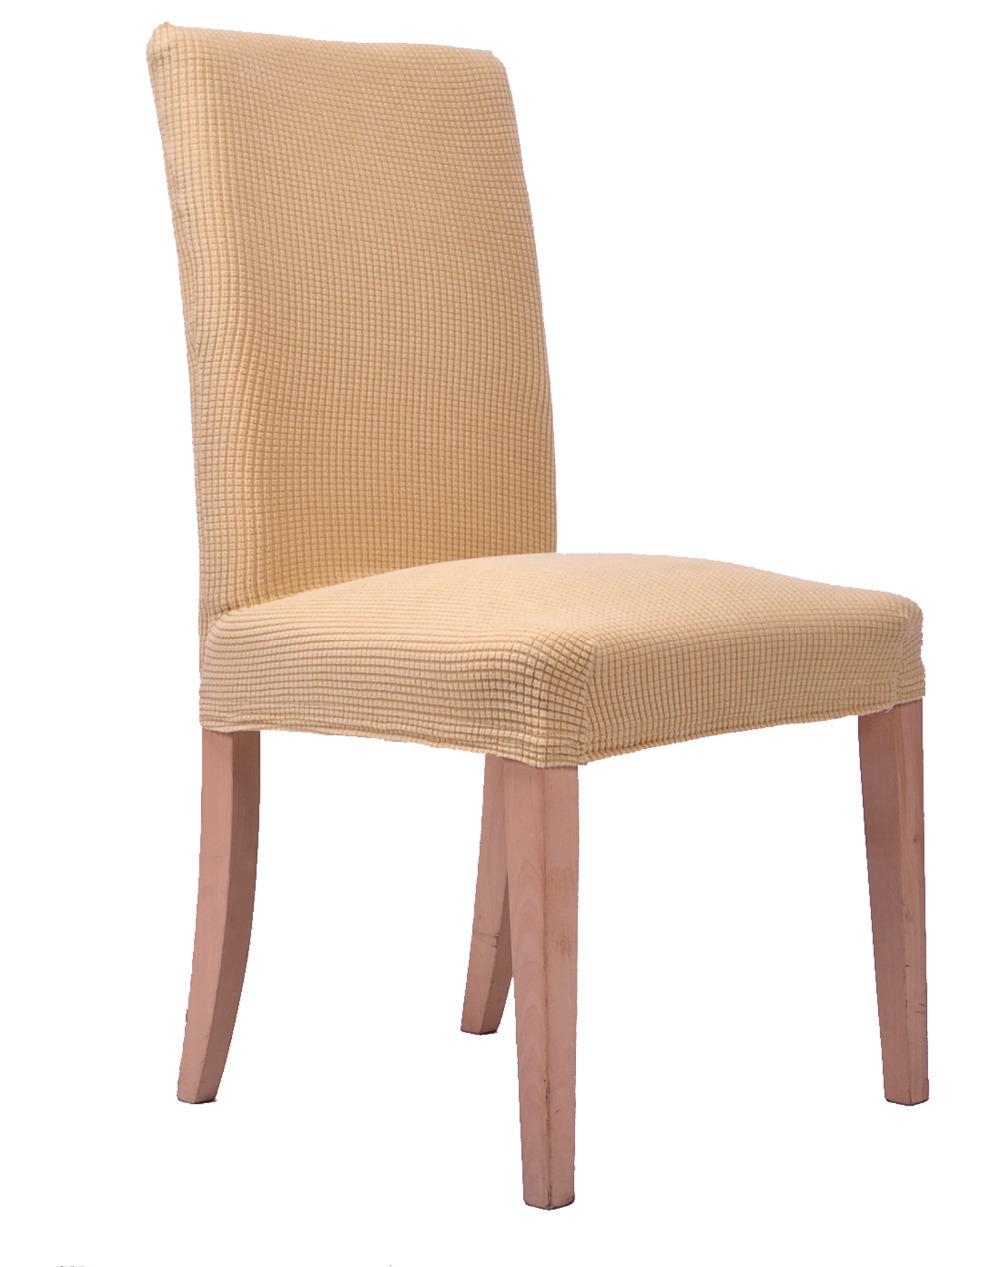 Бежевый эластичный чехол на стул